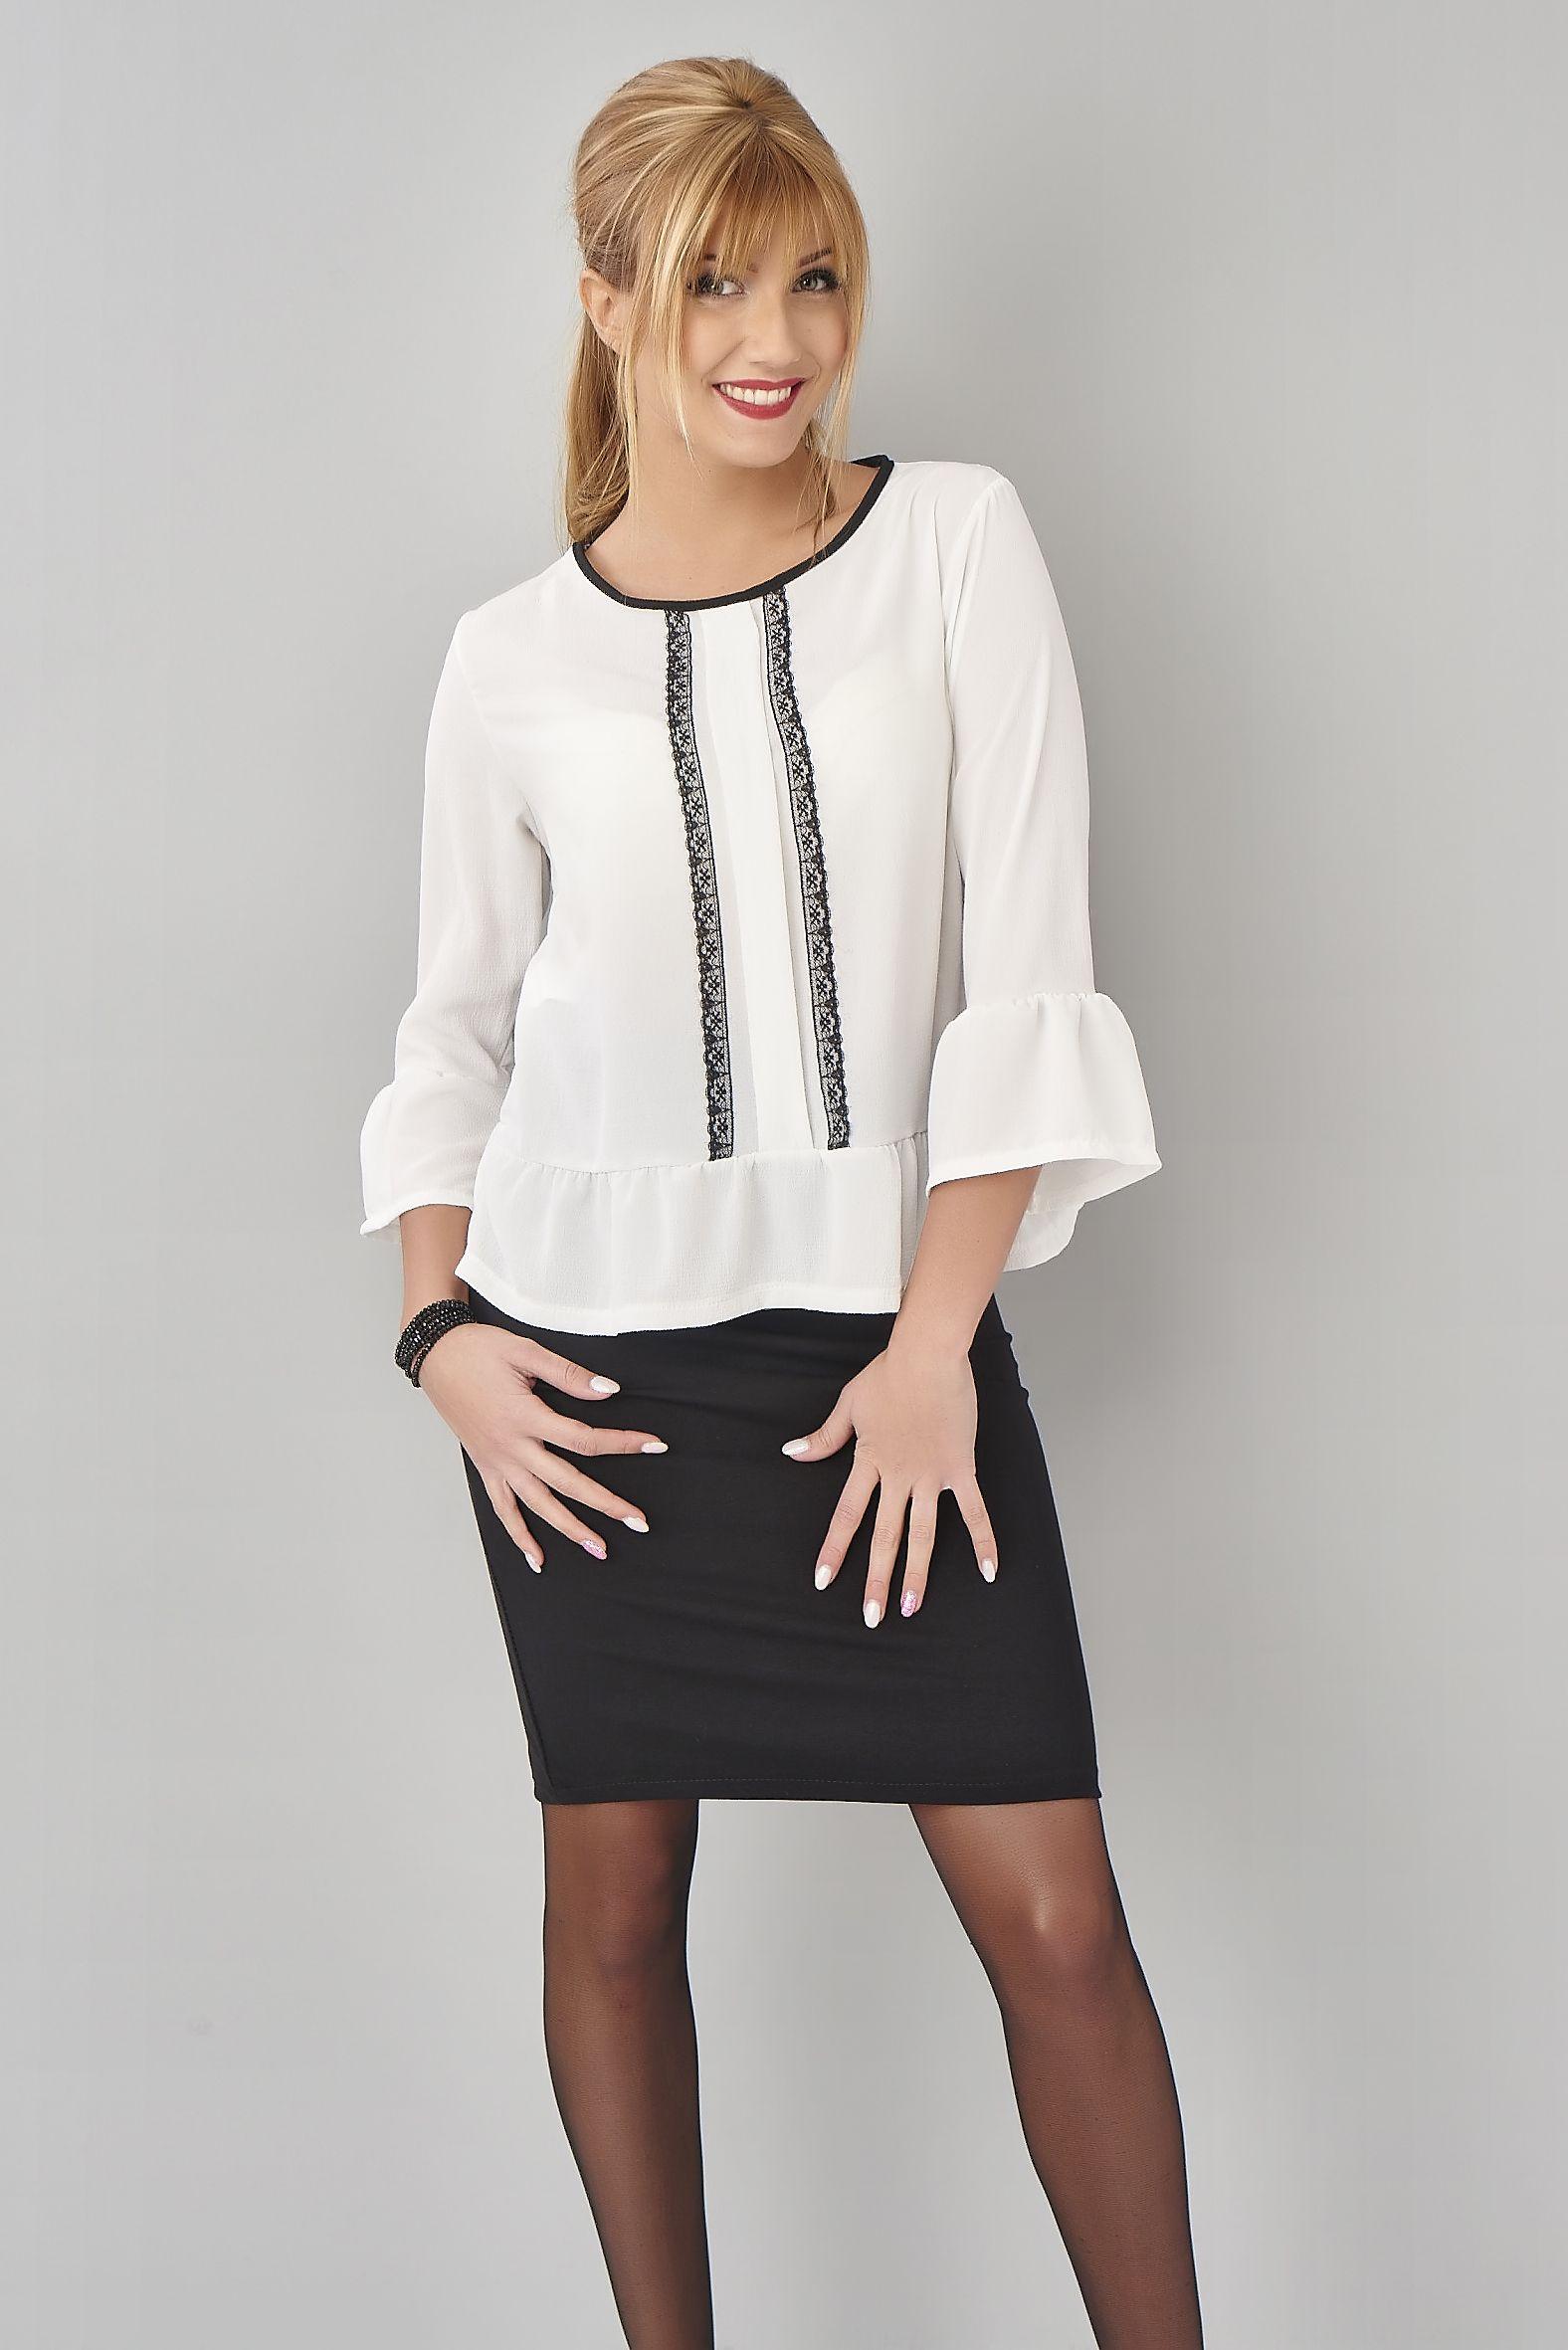 998257582e770f Look de secrétaire grâce à cette petite jupe crayon noire et ce haut ...